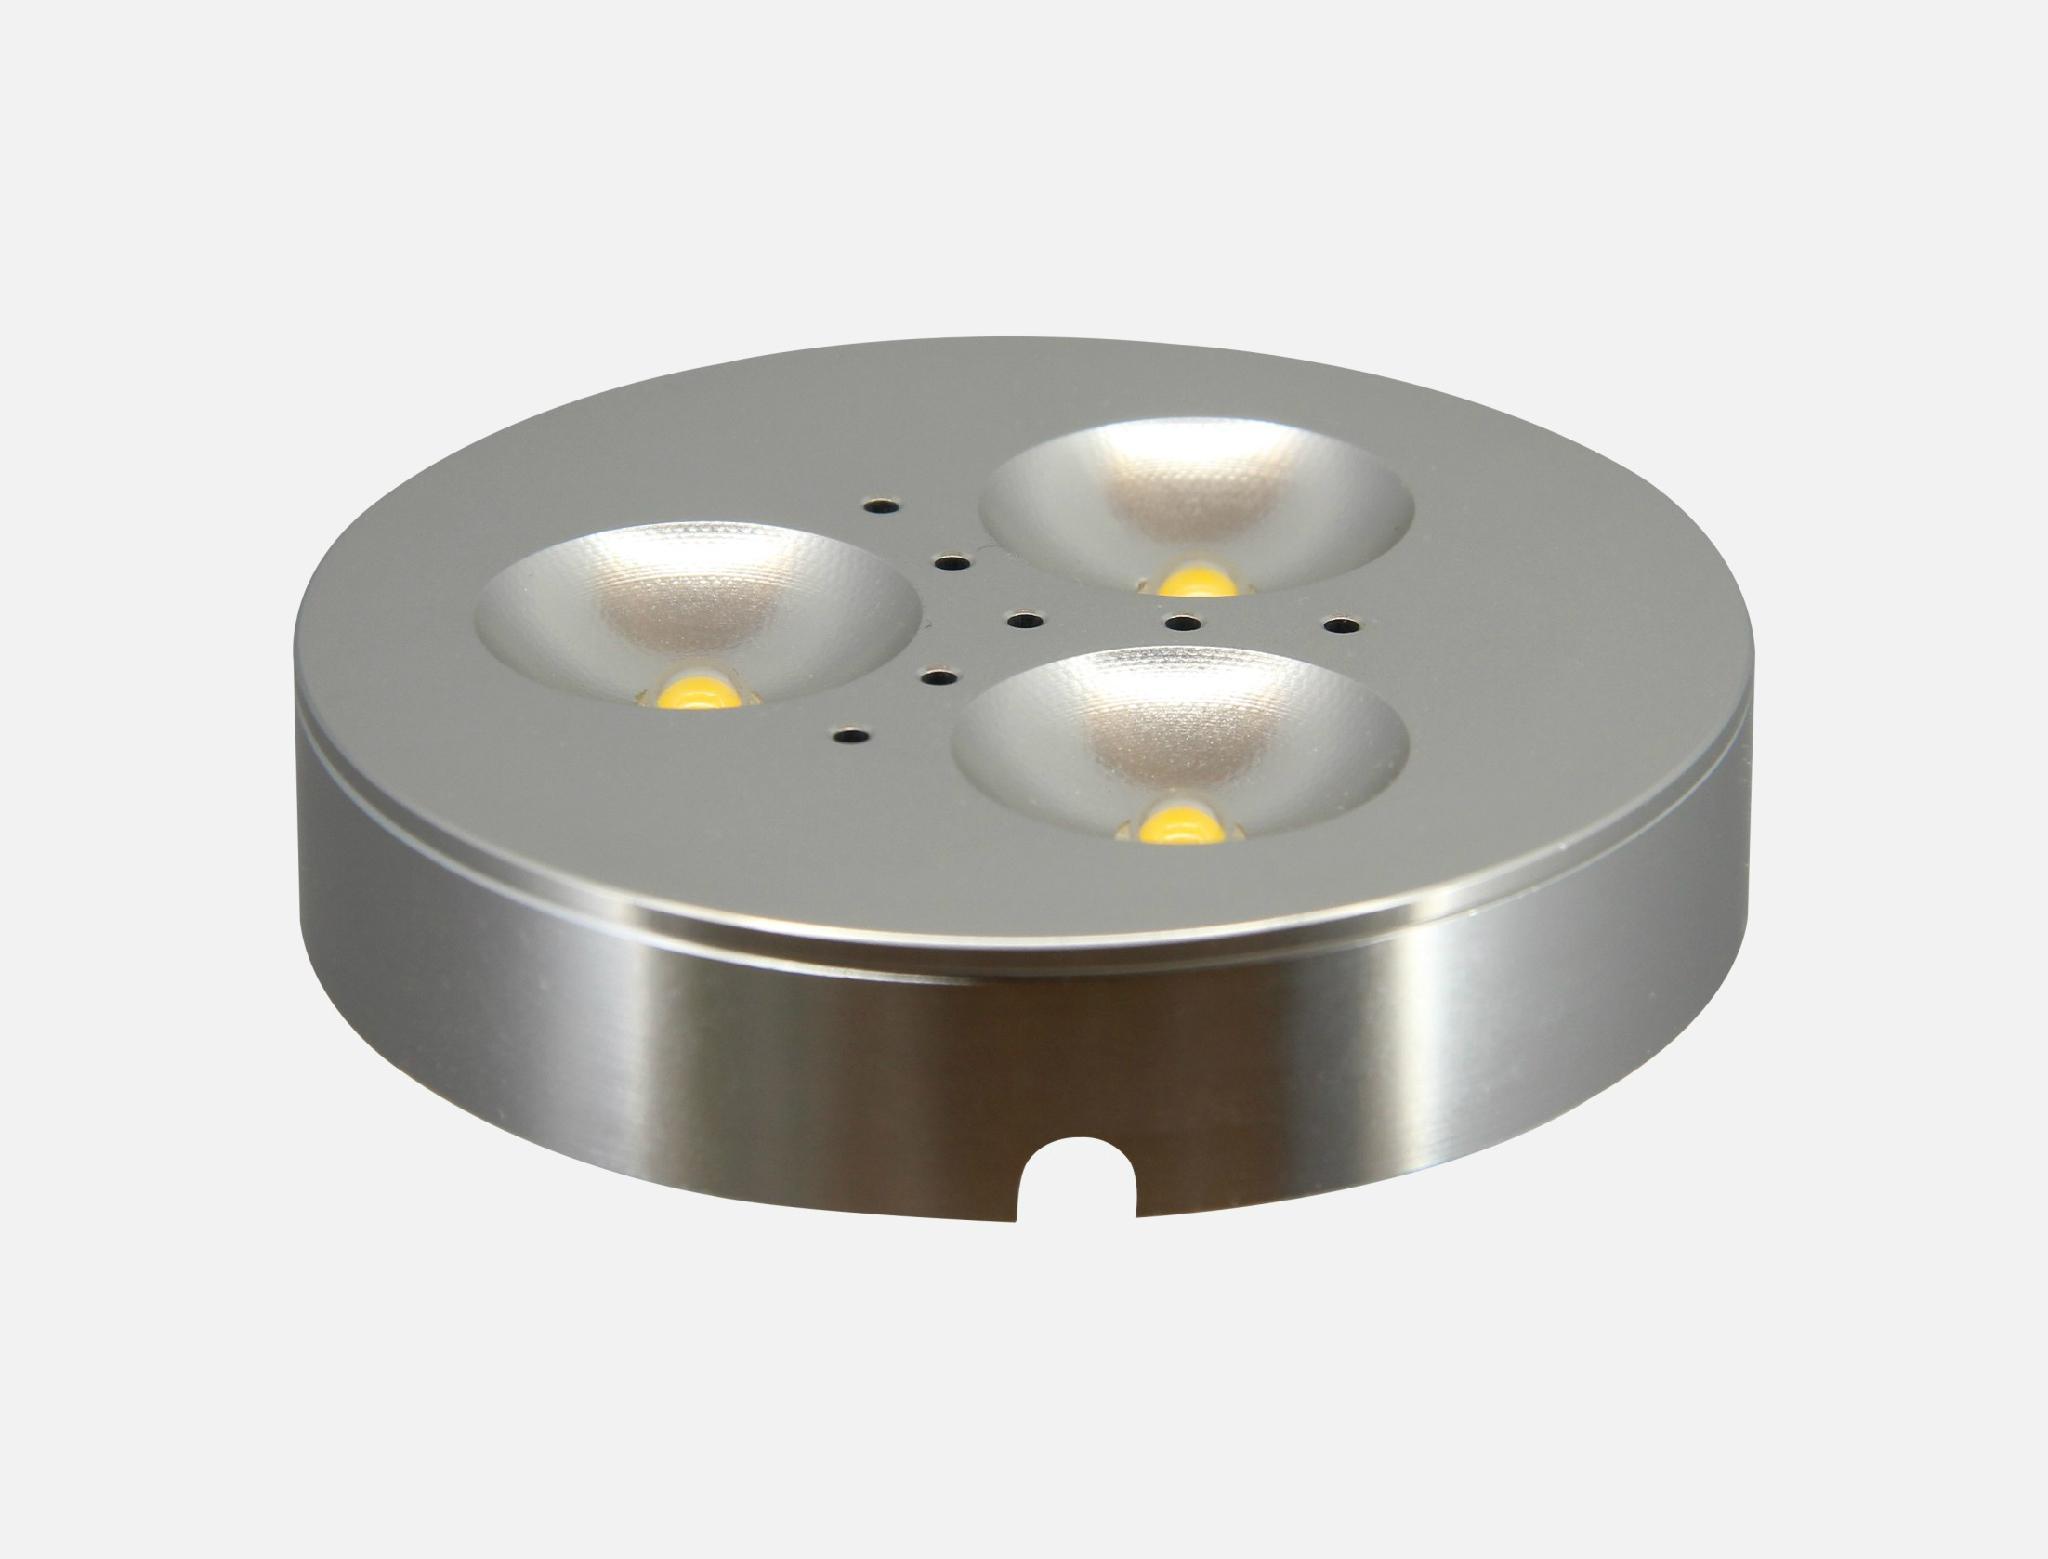 LED 橱柜灯 1